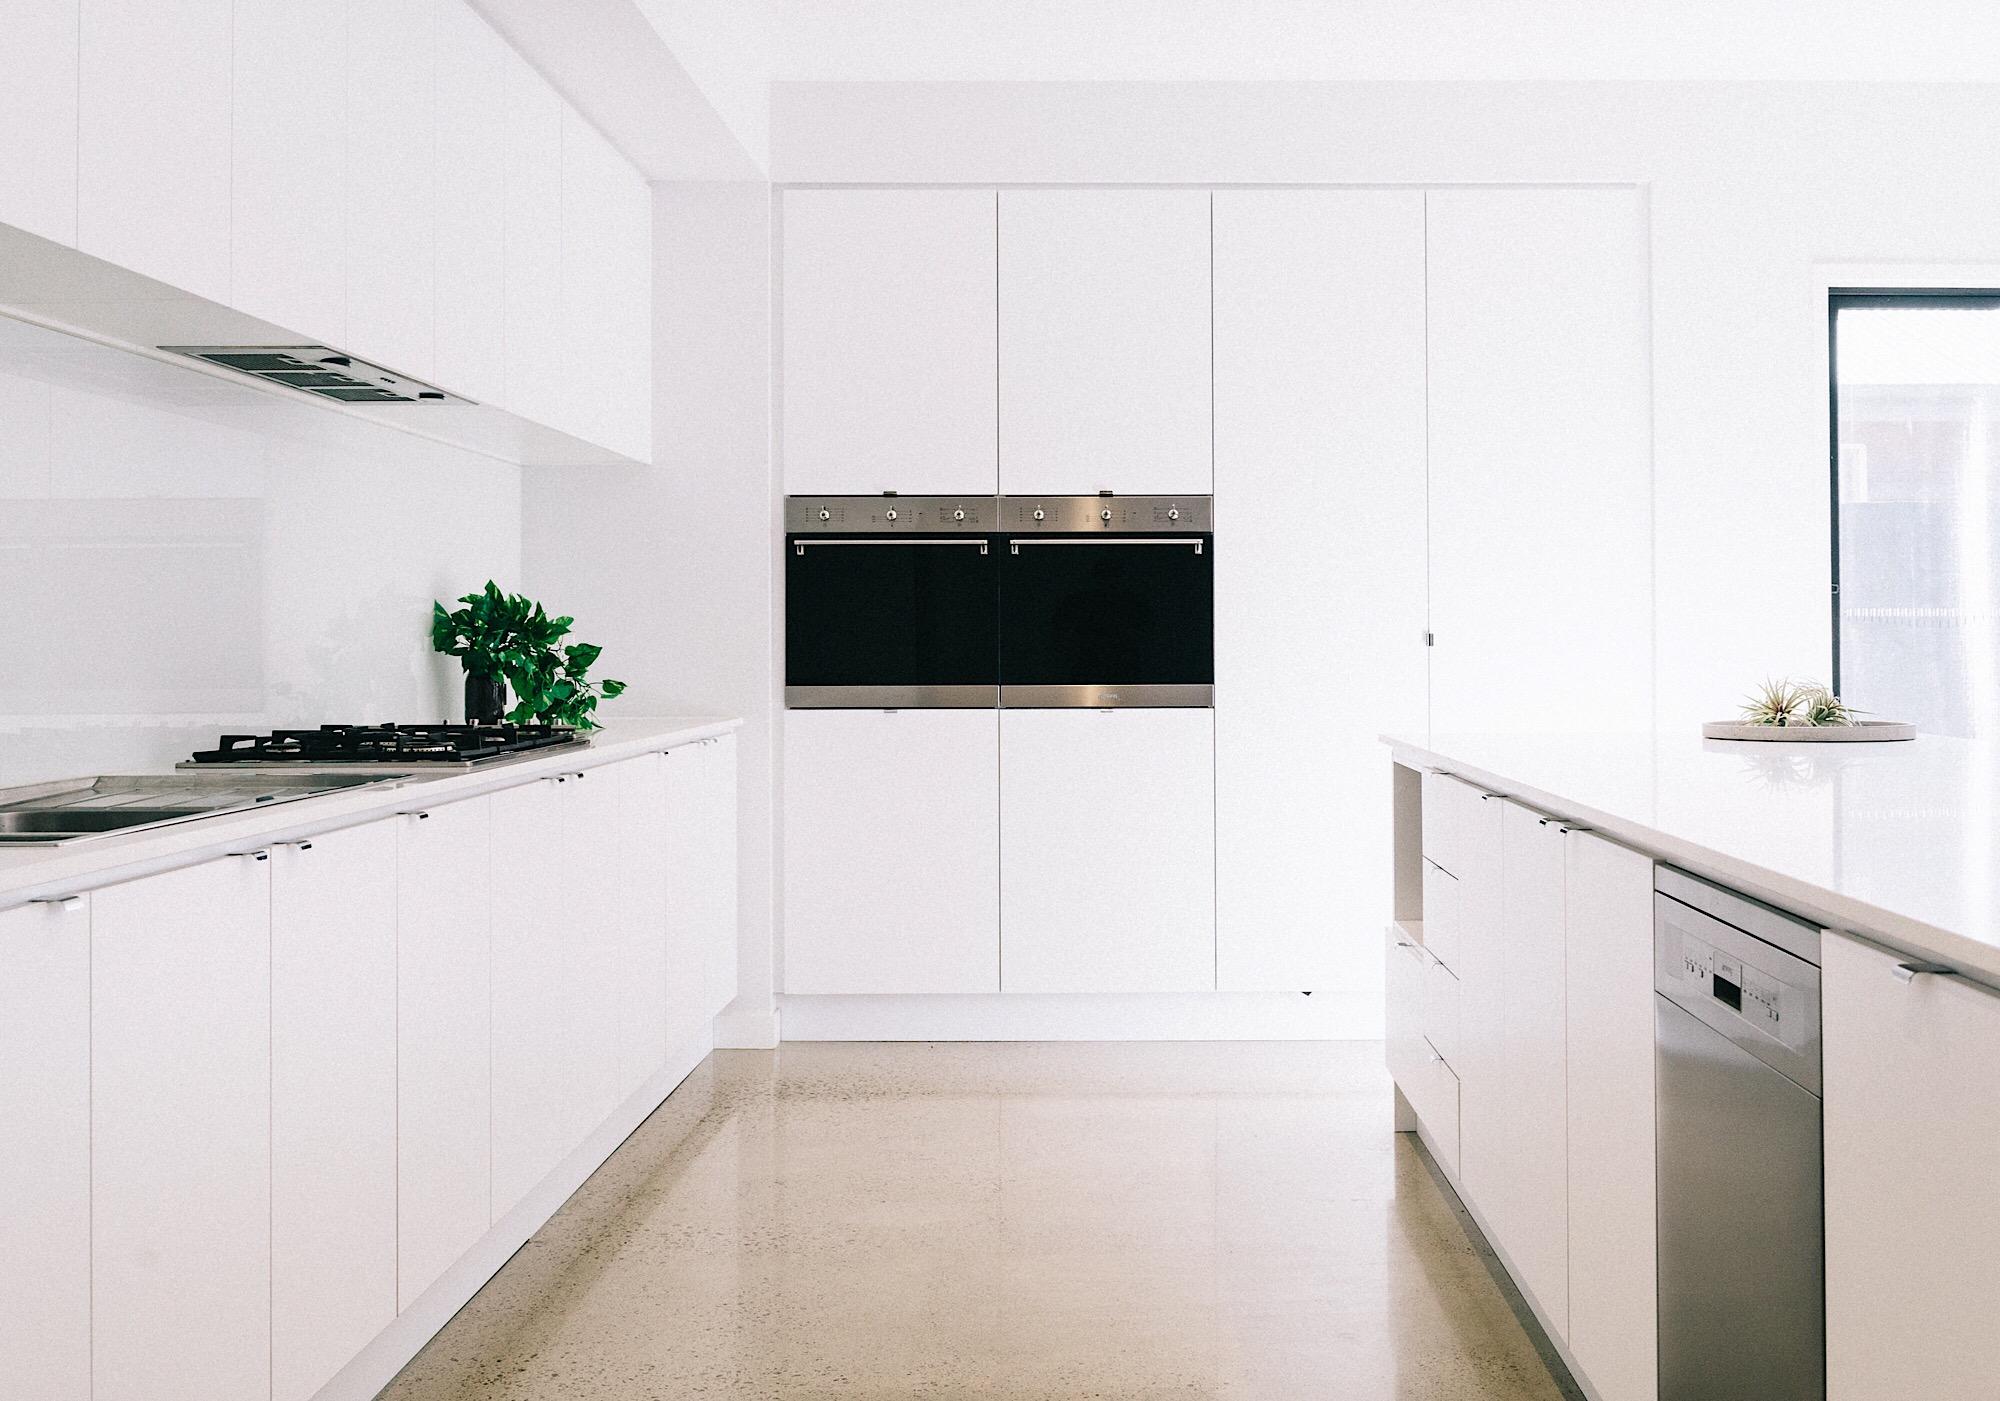 Ambiente casalingo con spazi ampi di manovra